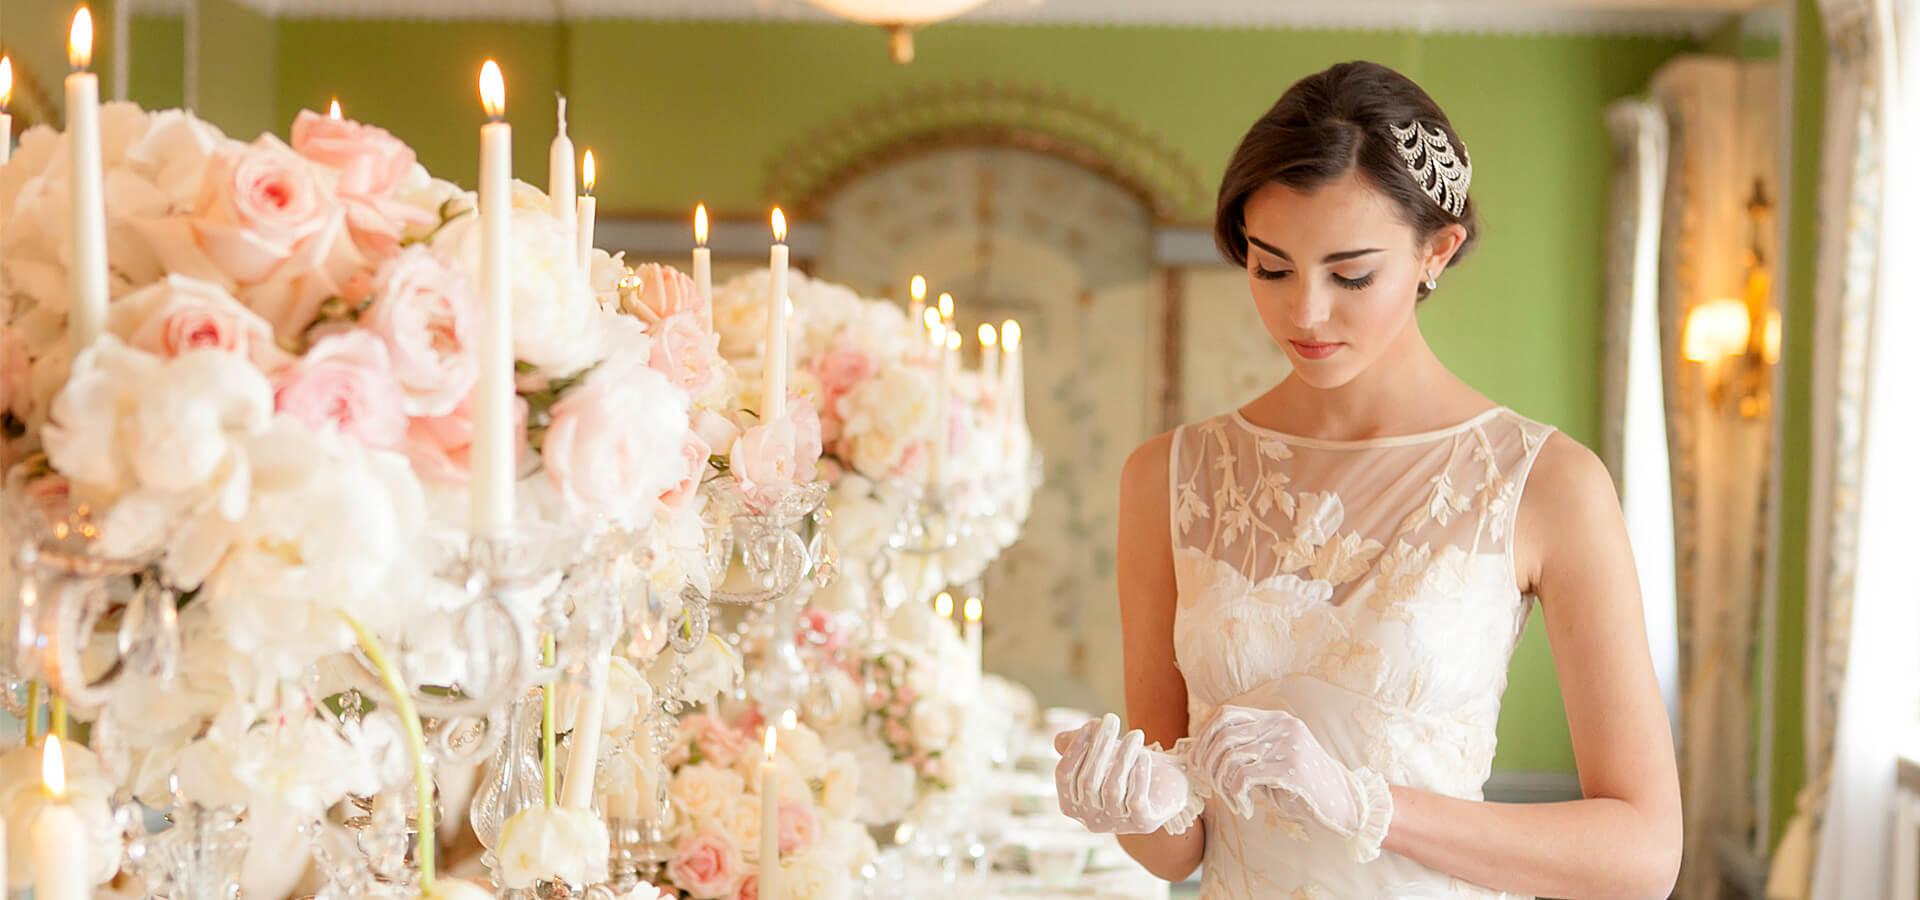 Топ свадебных трендов, которые стали банальными. Часть 2